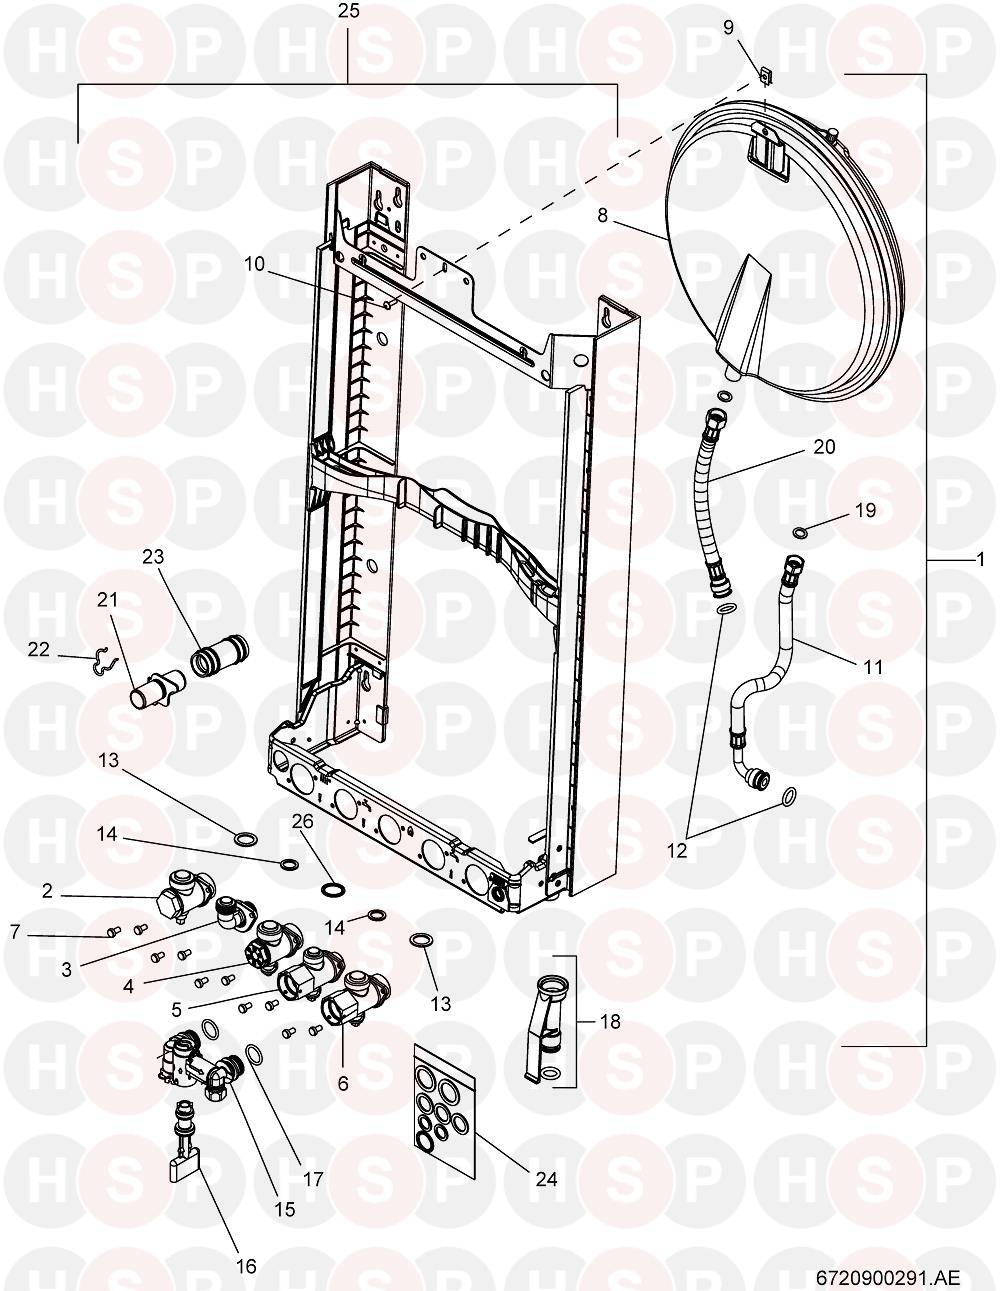 Worcester Greenstar 24i system (Wall Jig & Hydraulic